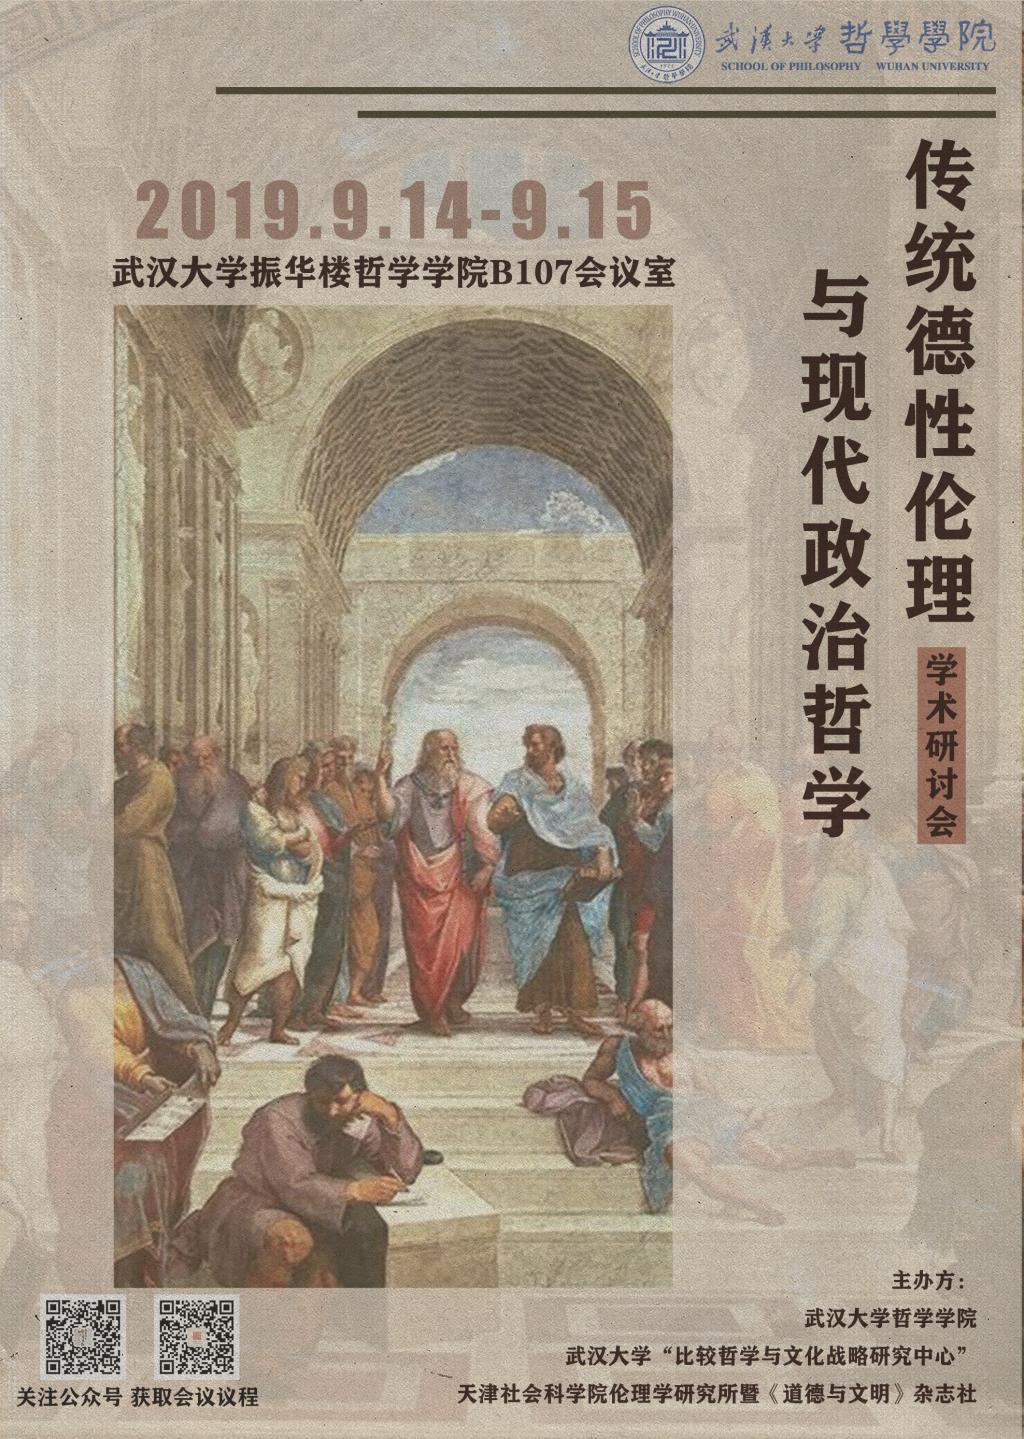 传统德性伦理与现代政治哲学学术研讨会会议议程(图)